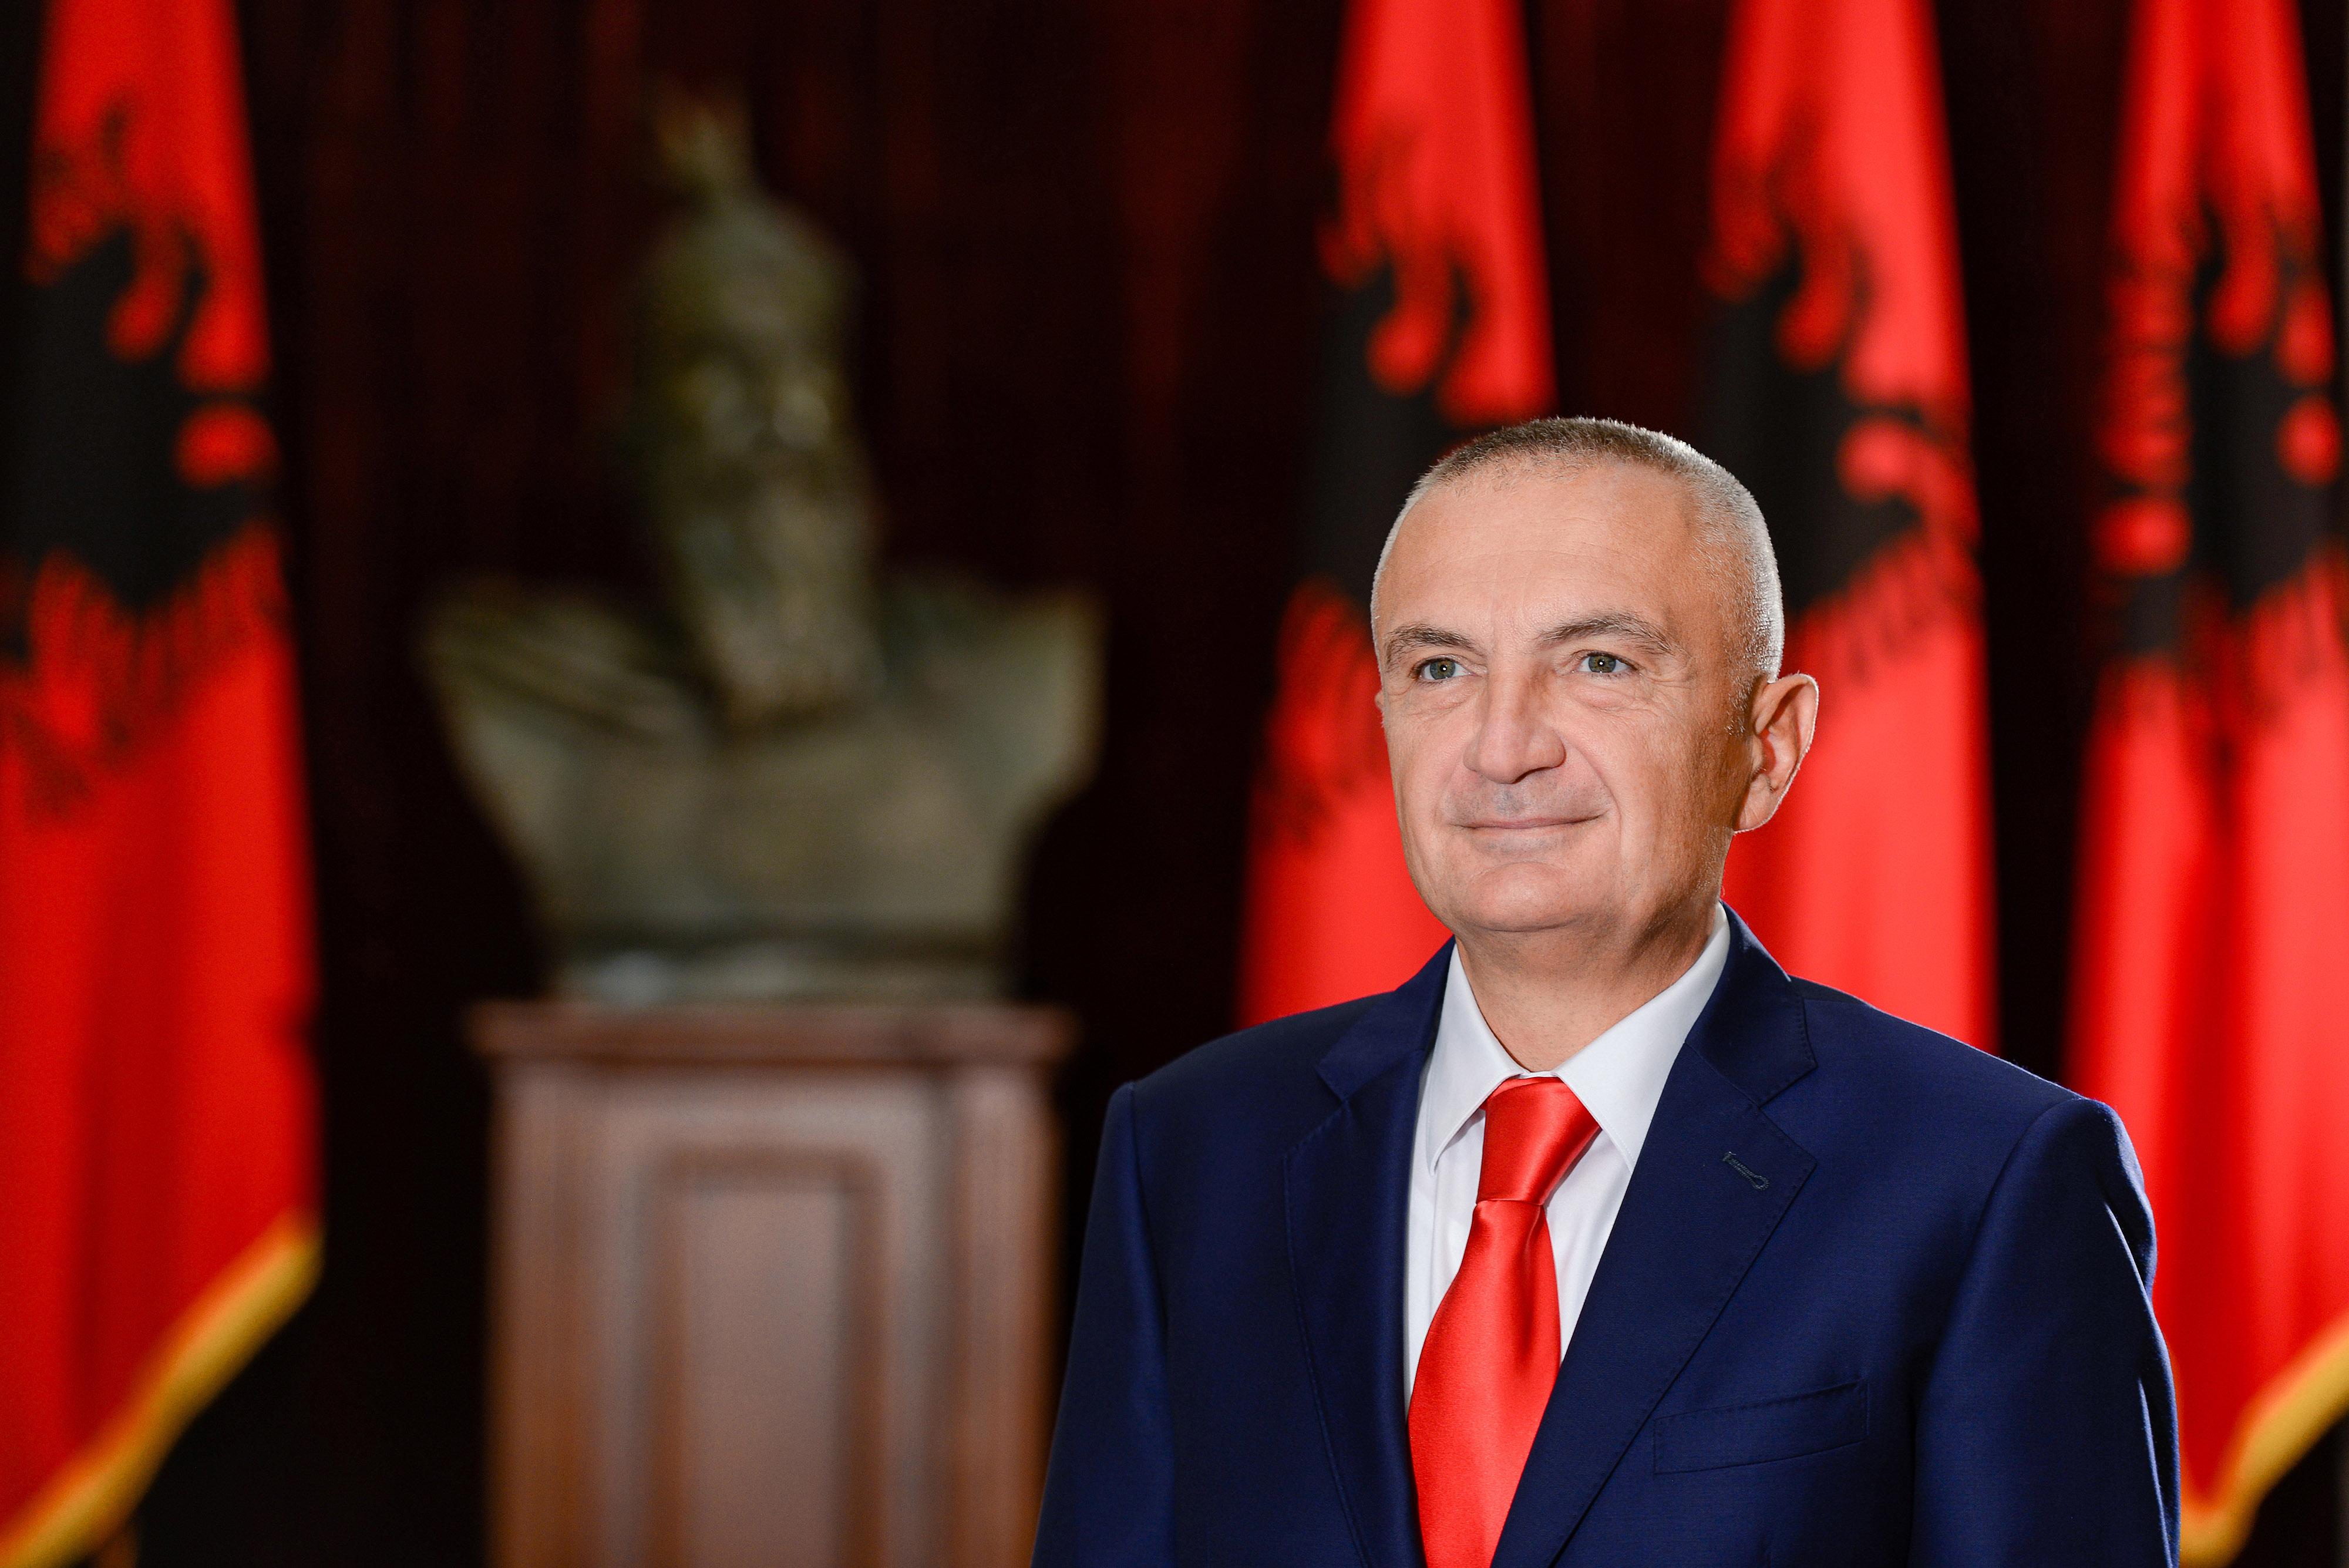 Reagim i Presidentit Meta ndaj situatës së krijuar për ndërtimin e Unazës së Re në Tiranë